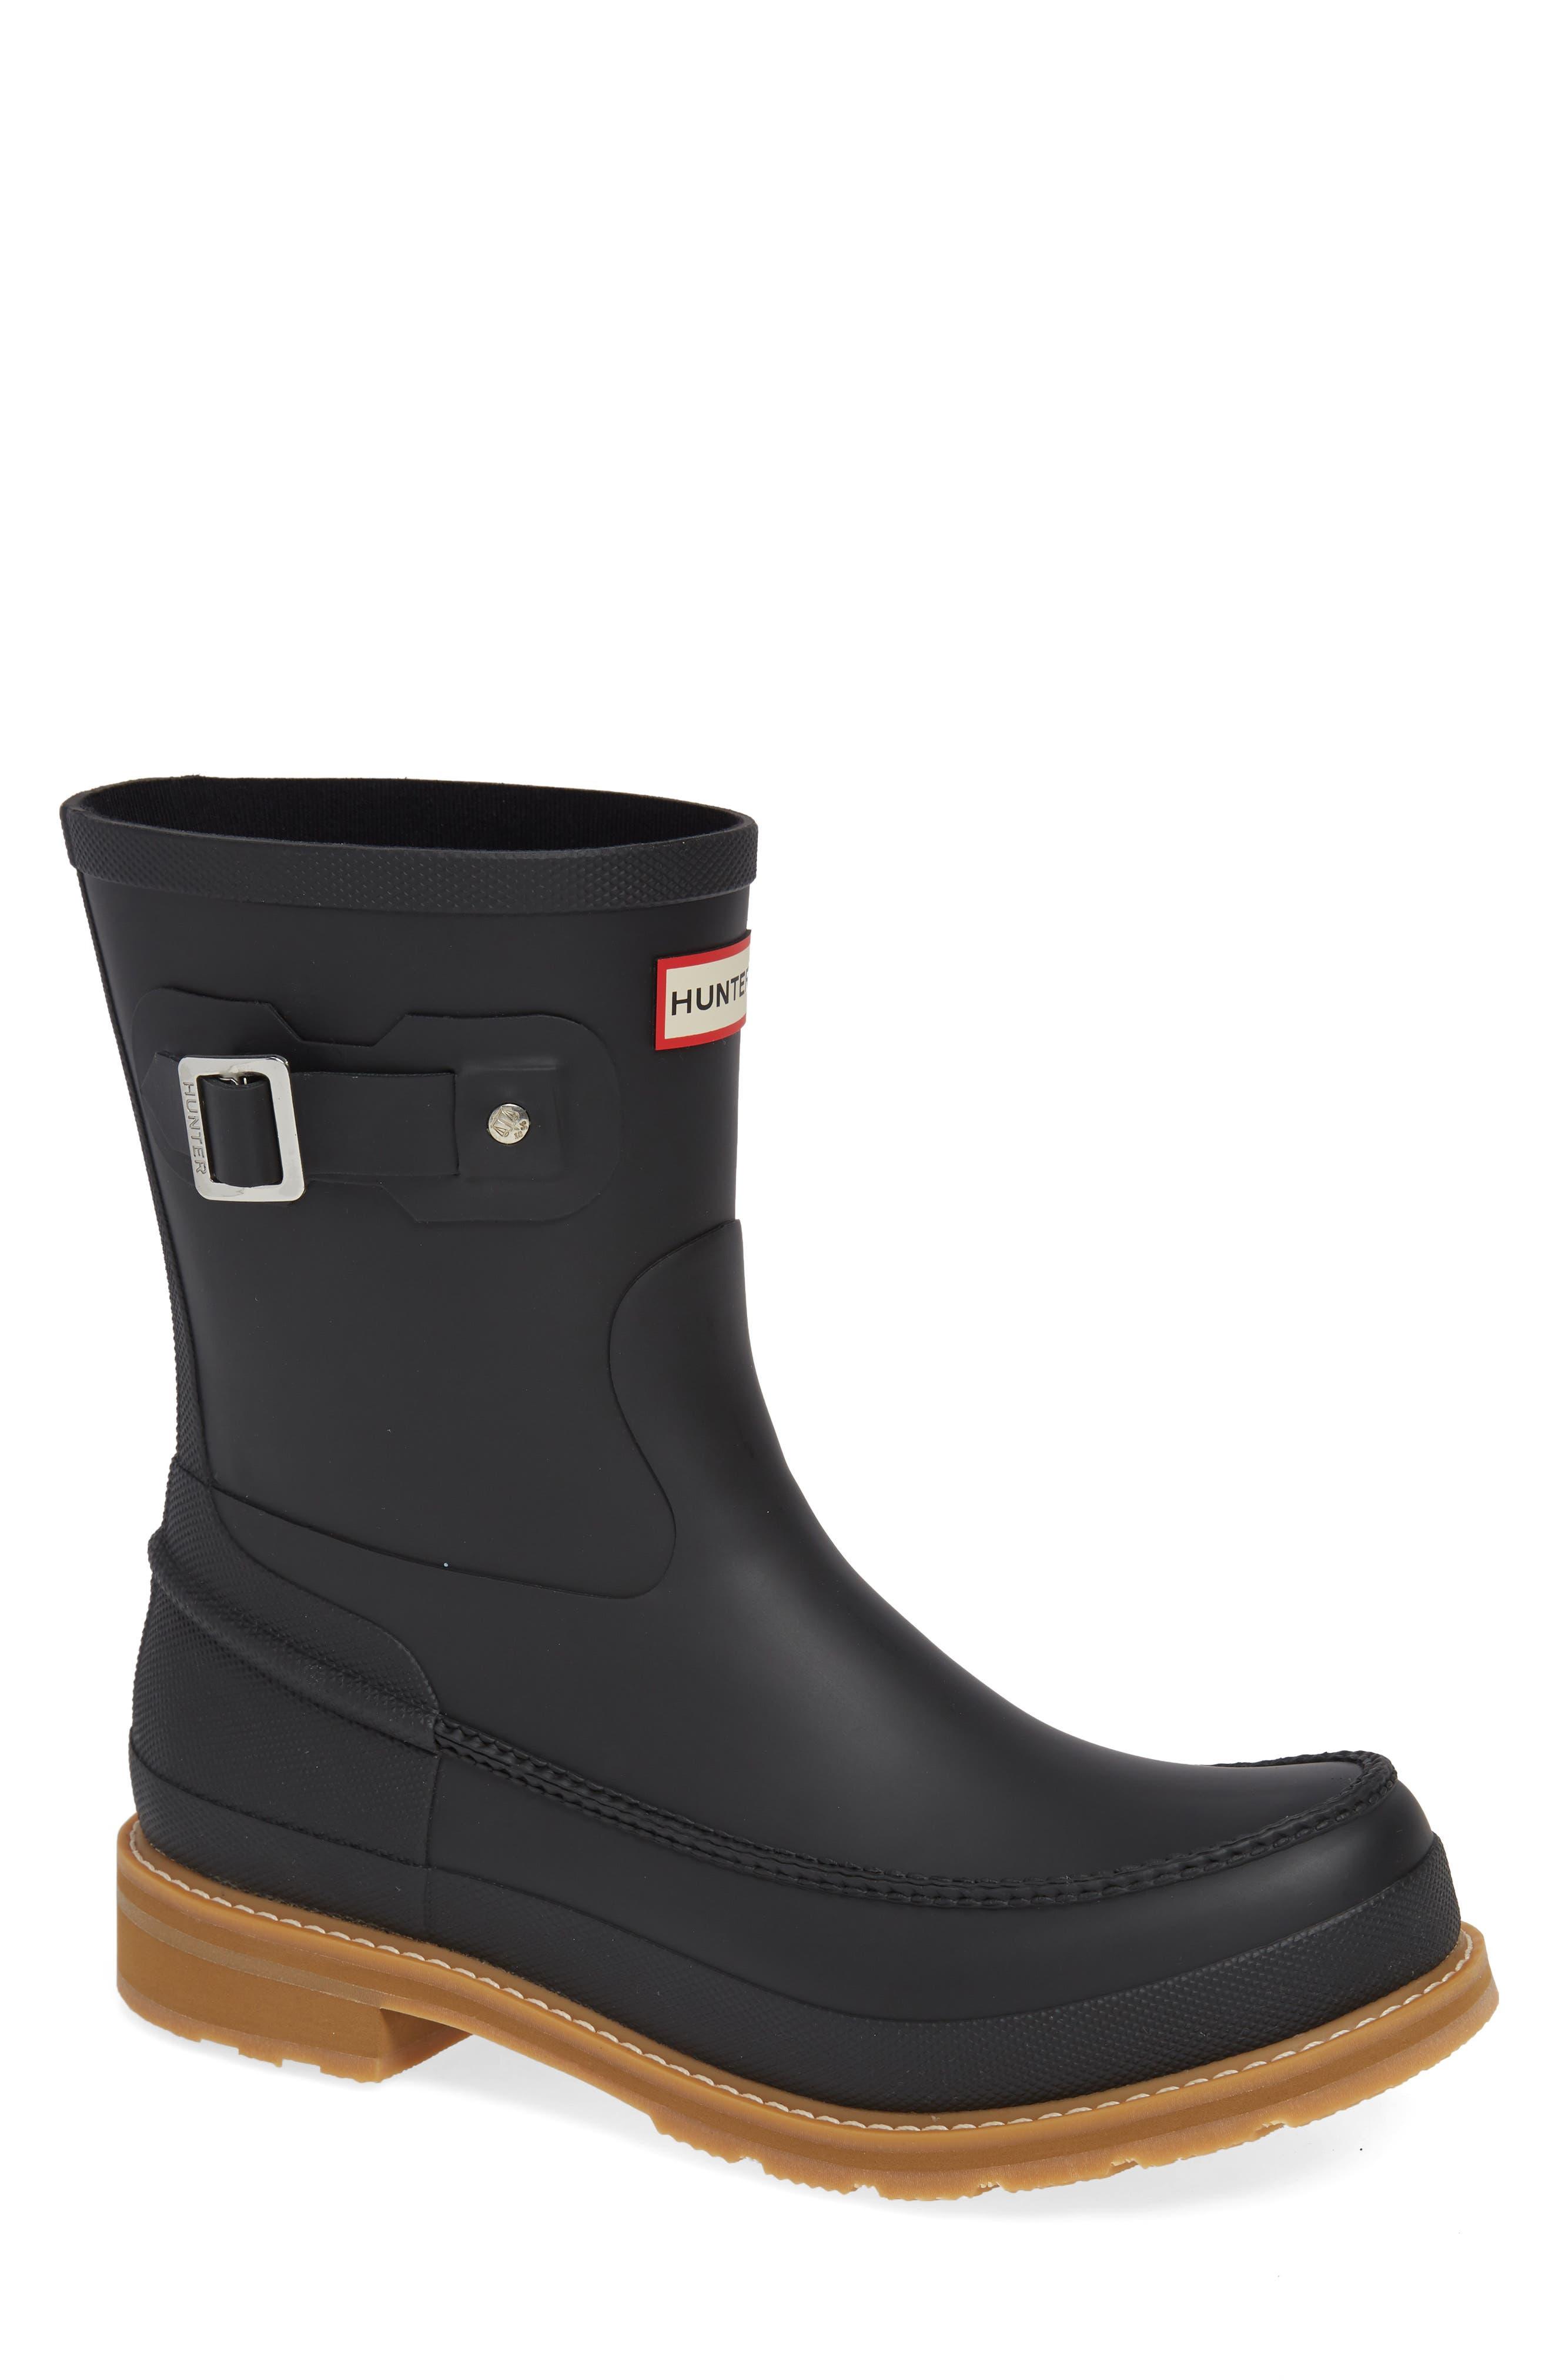 Waterproof Lightweight Short Boot